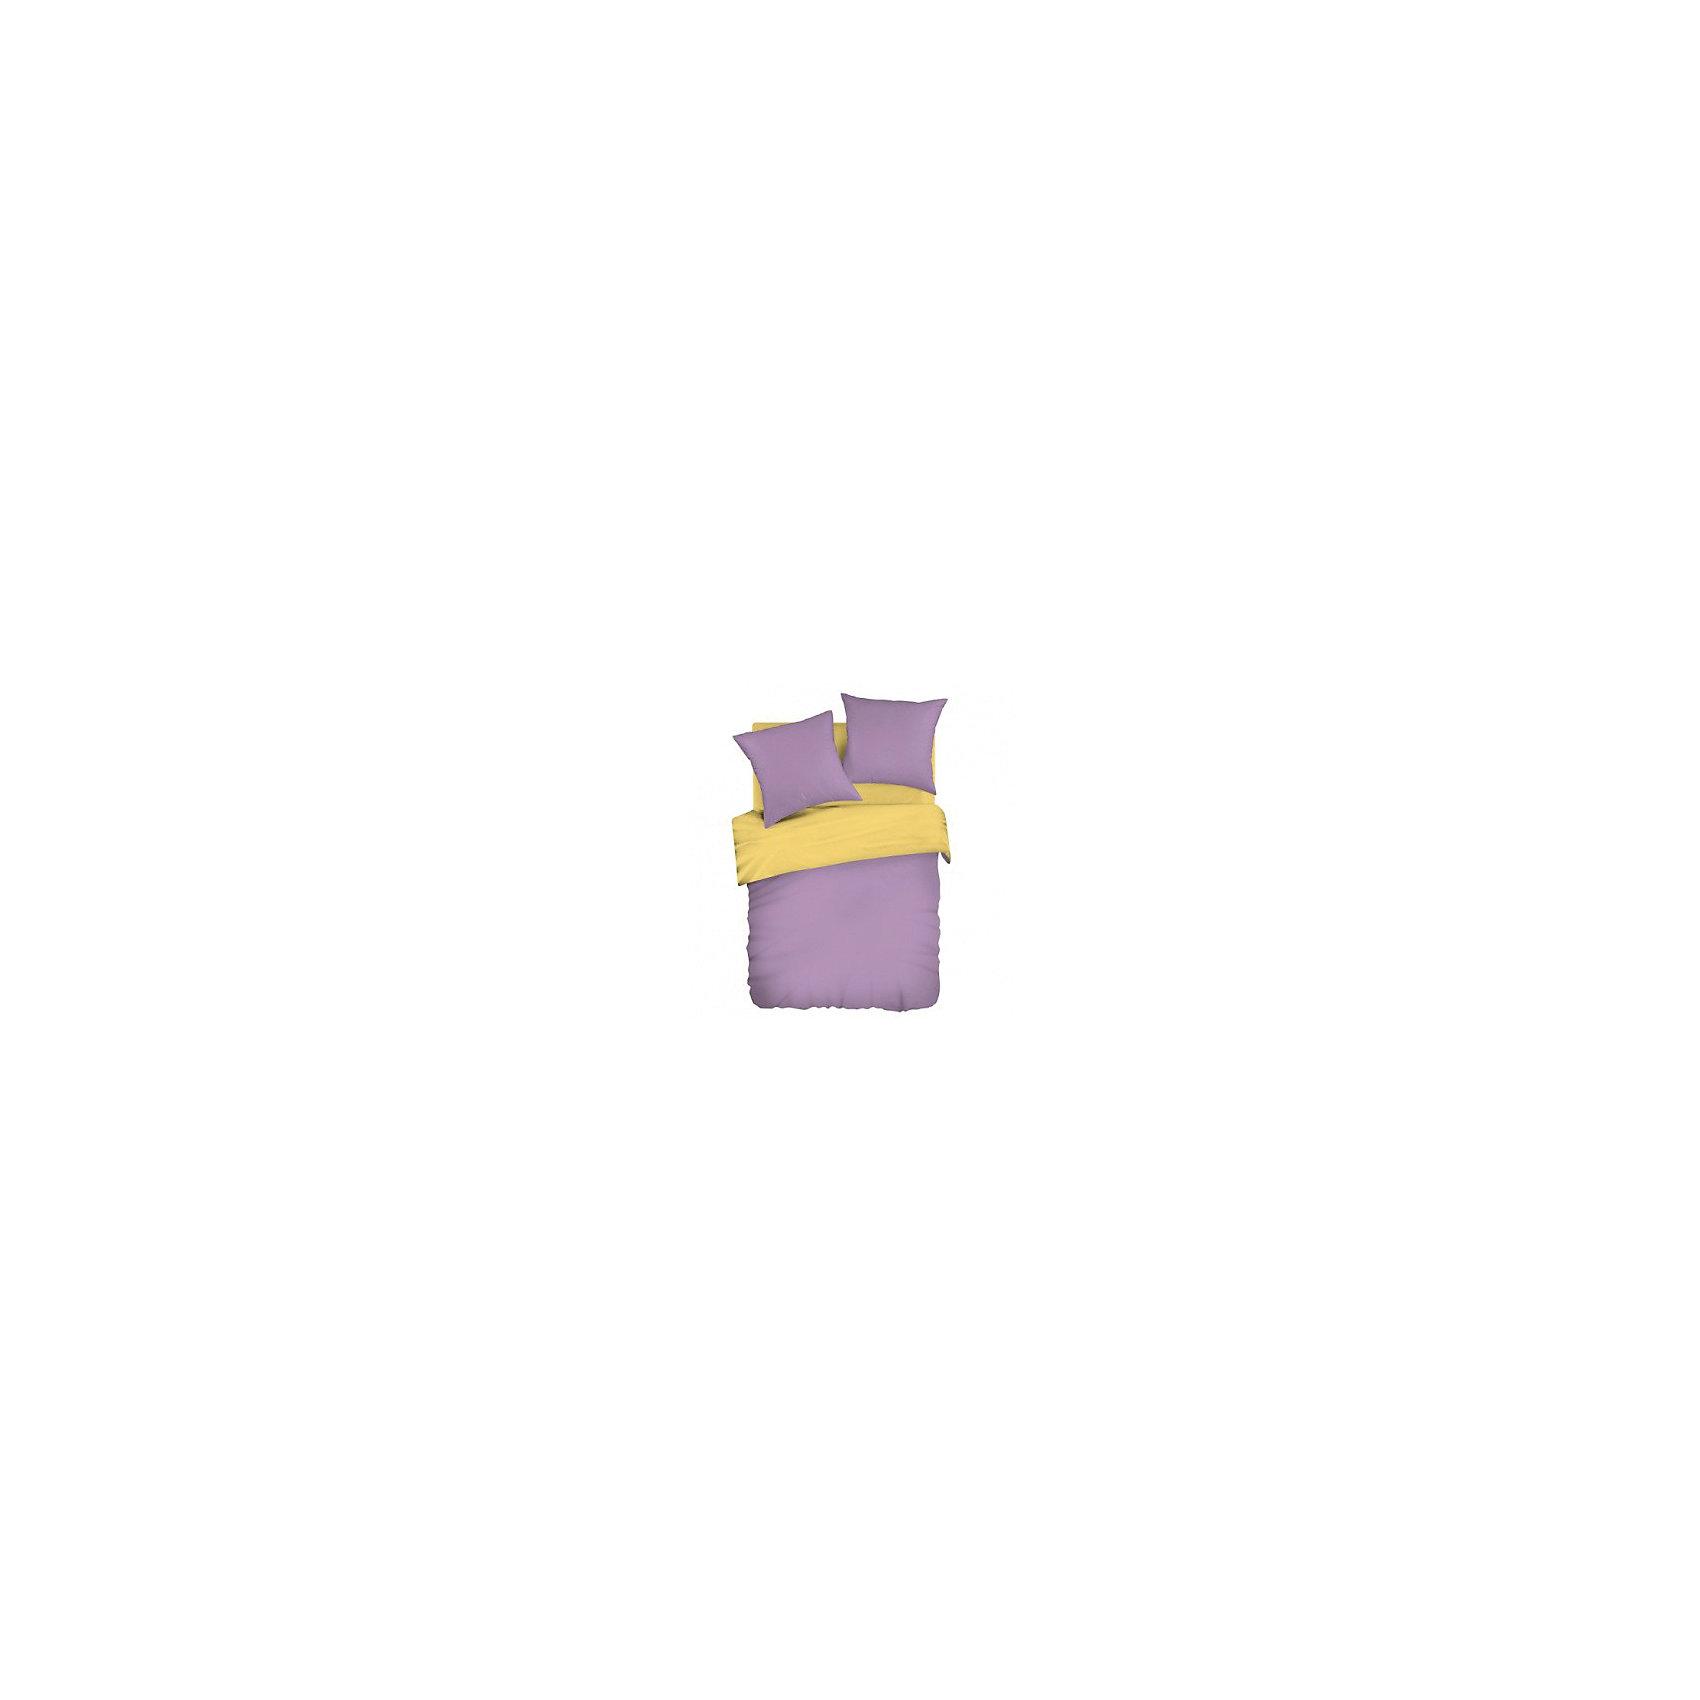 Постельное белье 2,0 сп. Wenge Uno, сиренево-жёлтыйХарактеристики 2-хспального комплекта постельного белья   Wenge Uno  БИО Комфорт, бруснично-бирюзовый:<br><br>- производитель: Неотек<br>- материал: бязь<br>- состав: 100% хлопок<br>- размер комплекта: двуспальный<br>- размер пододеяльника: 215*175 см.<br>- размер простыни: 220*240 см.<br>- размер наволочек: 70*70 (2 шт)<br>- упаковка комплекта: книжка пвх<br>- страна бренда: Россия<br>- страна производитель: Россия<br><br>Если Вы хотите быстро и без глобальных затрат освежить обстановку  в своей спальне или добавить акцент под настроение, можно просто купить новое постельное белье. Идеально для обновления подойдет новое предложение, не имеющее аналогов на рынке, постельное белье Wenge Uno. Это однотонное постельное белье, оно не просто гладко покрашено одним цветом, каждый комплект – это уникальный рисунок, со своим собственным сочетанием цветов и оттенков. Двуховальное нанесение рисунка - игра на полутонах позволяет создать ощущения однотонности с одной стороны, а с другой стороны, делает постельное белье более фактурным, что придает ему большую красоту и изящество.<br><br>Комплекта постельного белья   Wenge Uno  сиренево-жёлтый серии Wenge Motion можно купить в нашем интернет-магазине.<br><br>Ширина мм: 370<br>Глубина мм: 70<br>Высота мм: 370<br>Вес г: 2100<br>Возраст от месяцев: 216<br>Возраст до месяцев: 1188<br>Пол: Унисекс<br>Возраст: Детский<br>SKU: 5100137